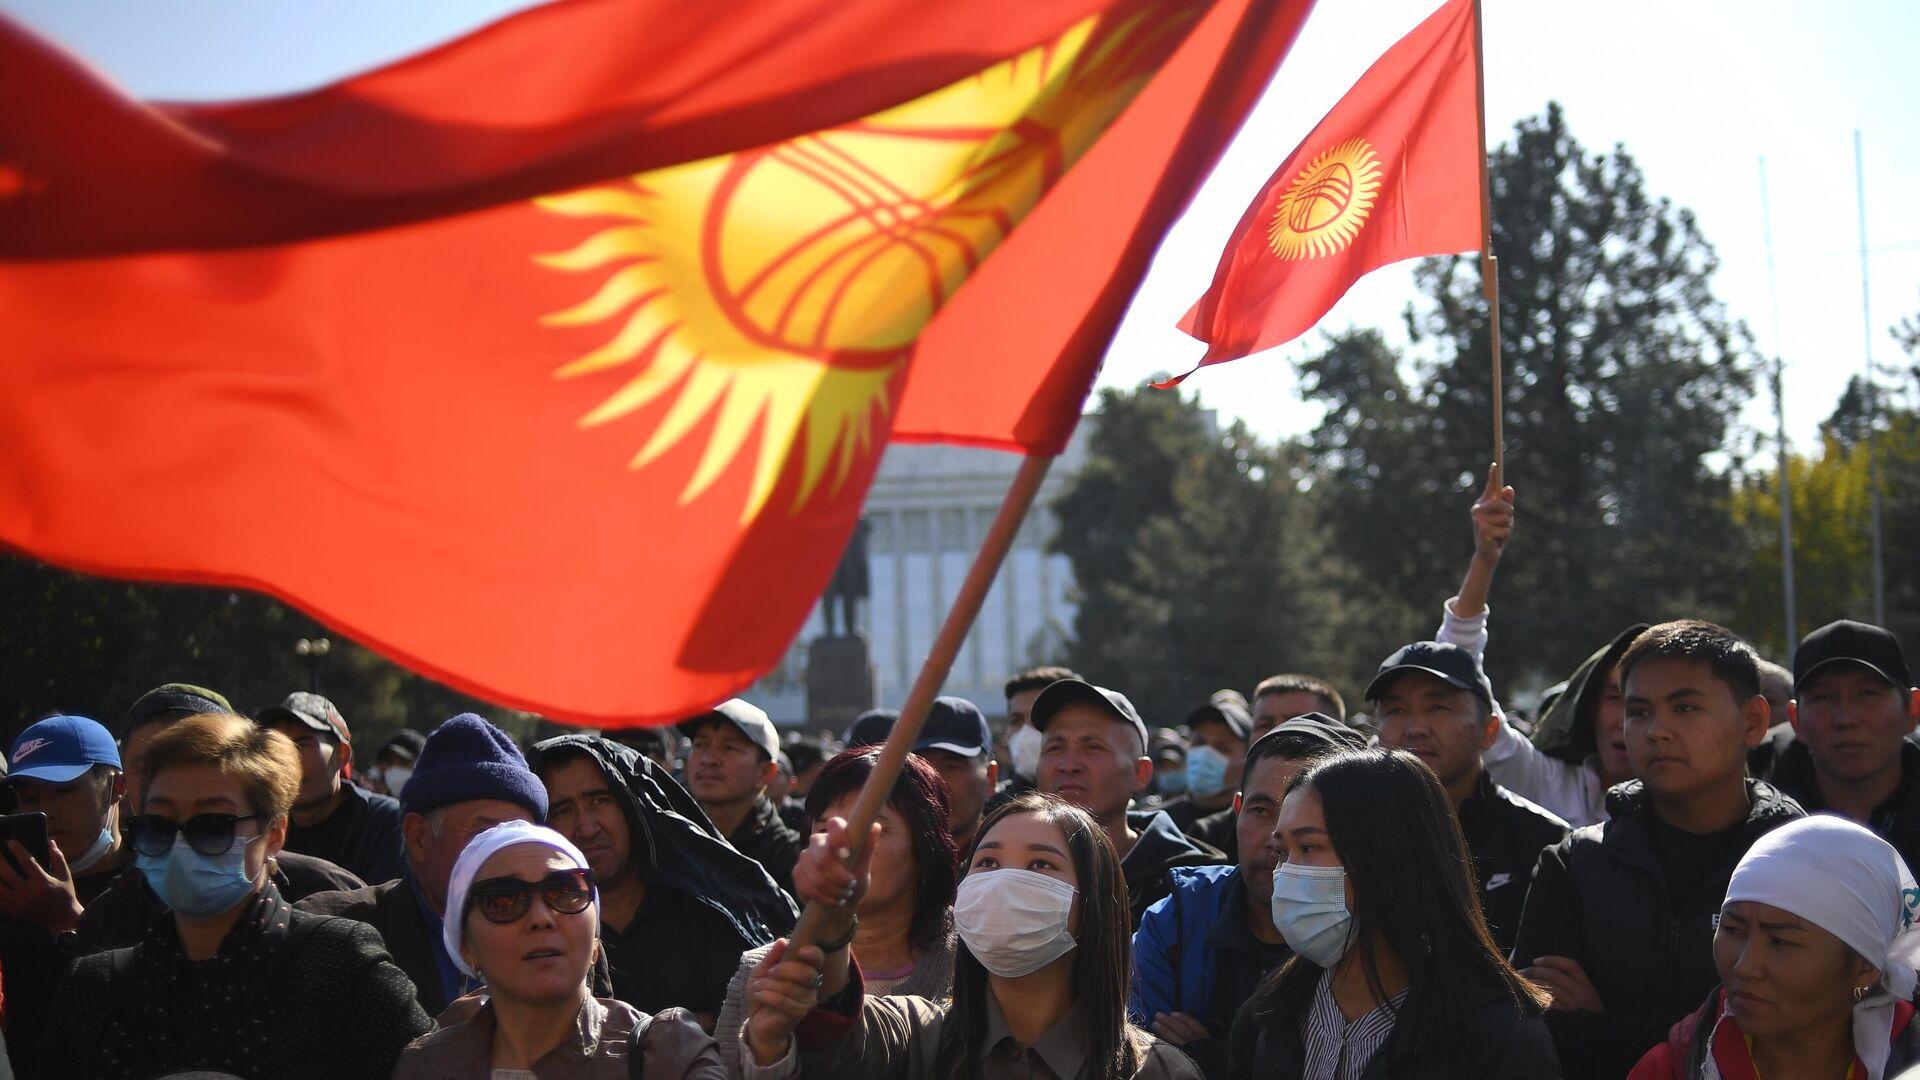 Участники митинга в Бишкеке - РИА Новости, 1920, 24.10.2020